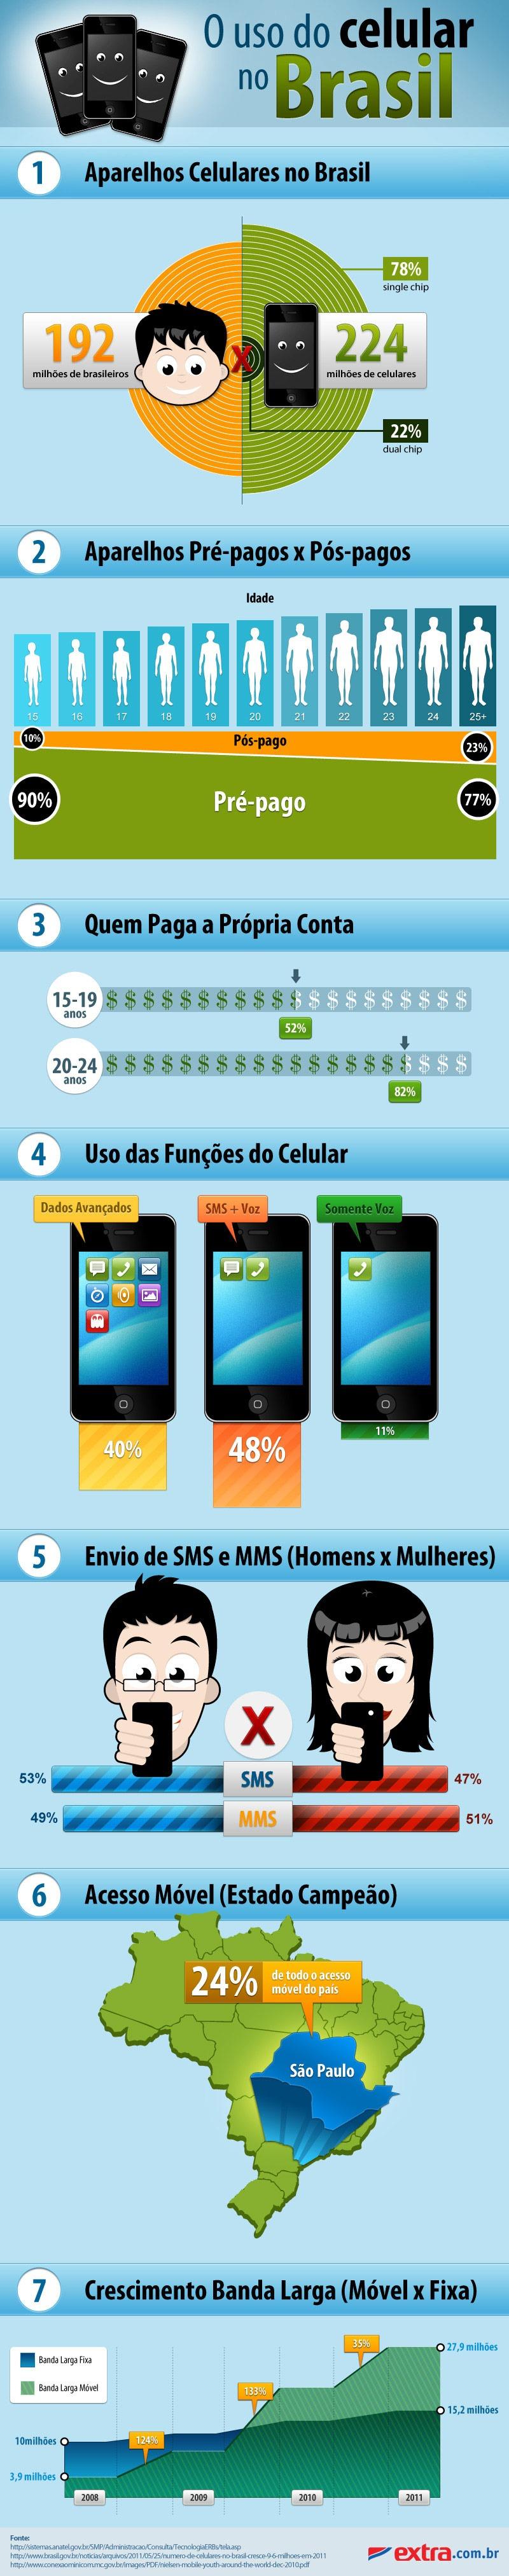 Infográfico: celulares no Brasil